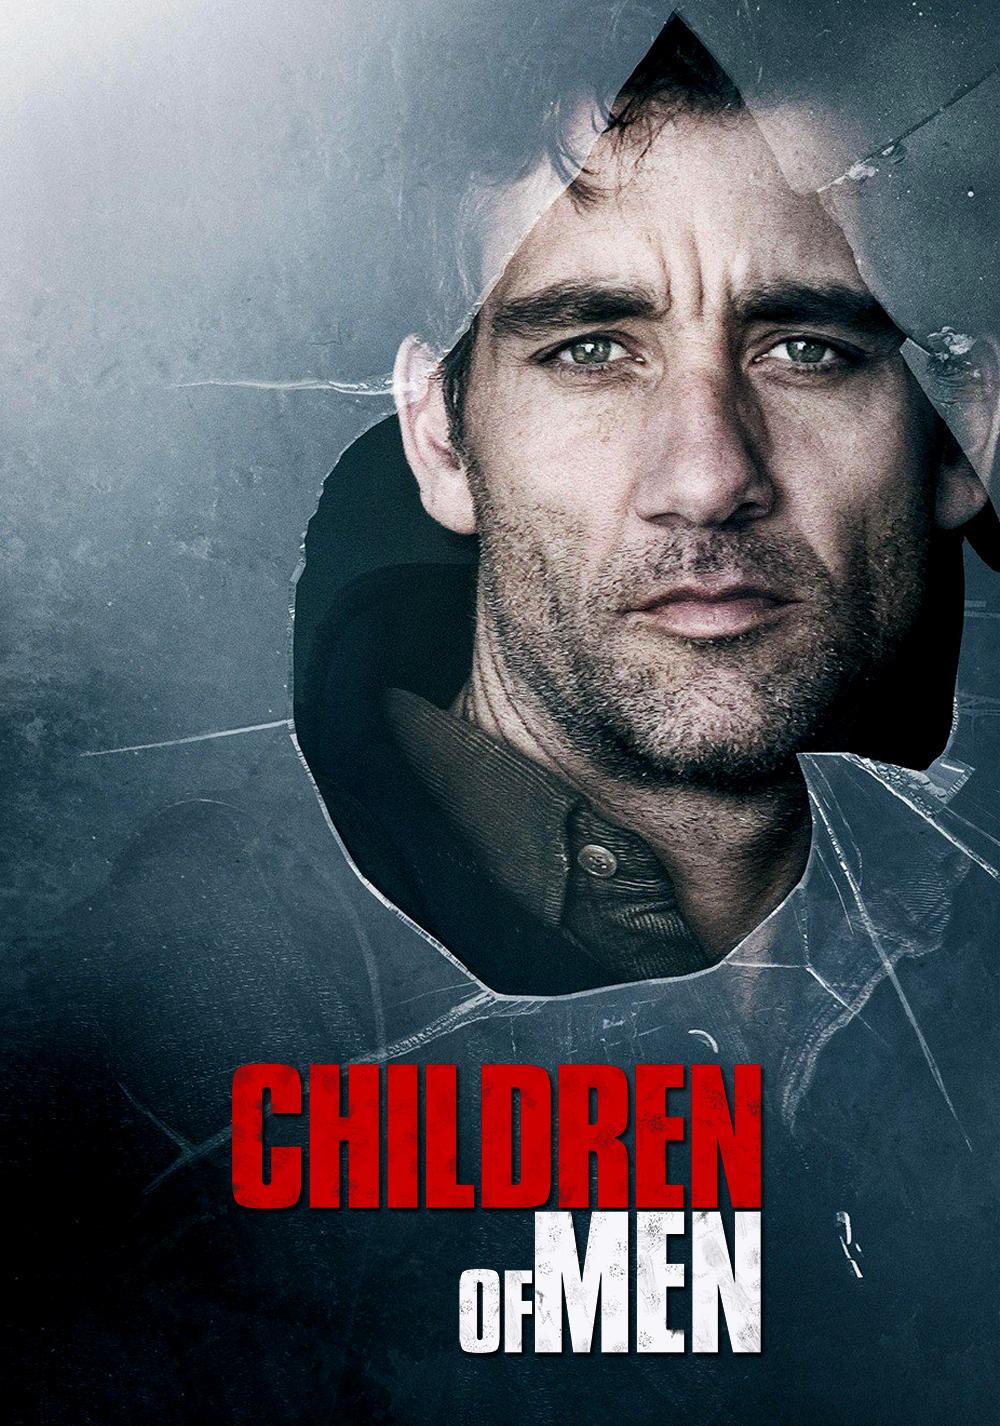 Filhos da Esperança (Children of Men) - Poster - 2